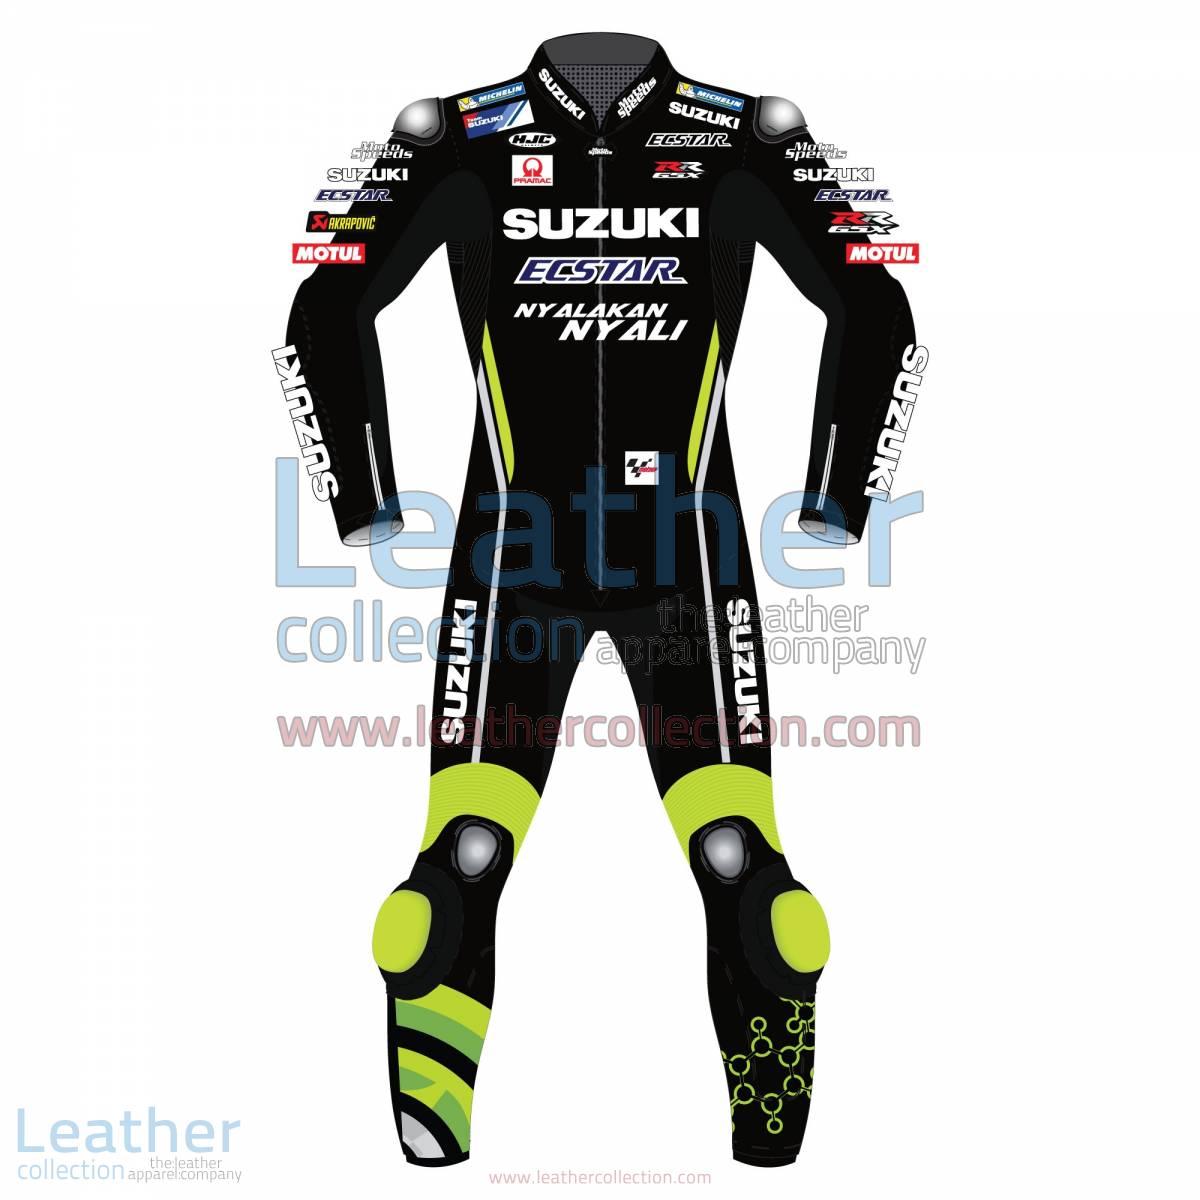 Andrea Iannone Suzuki MotoGP 2018 Leather Suit Black   Andrea Iannone Suzuki MotoGP 2018 Leather Suit Black